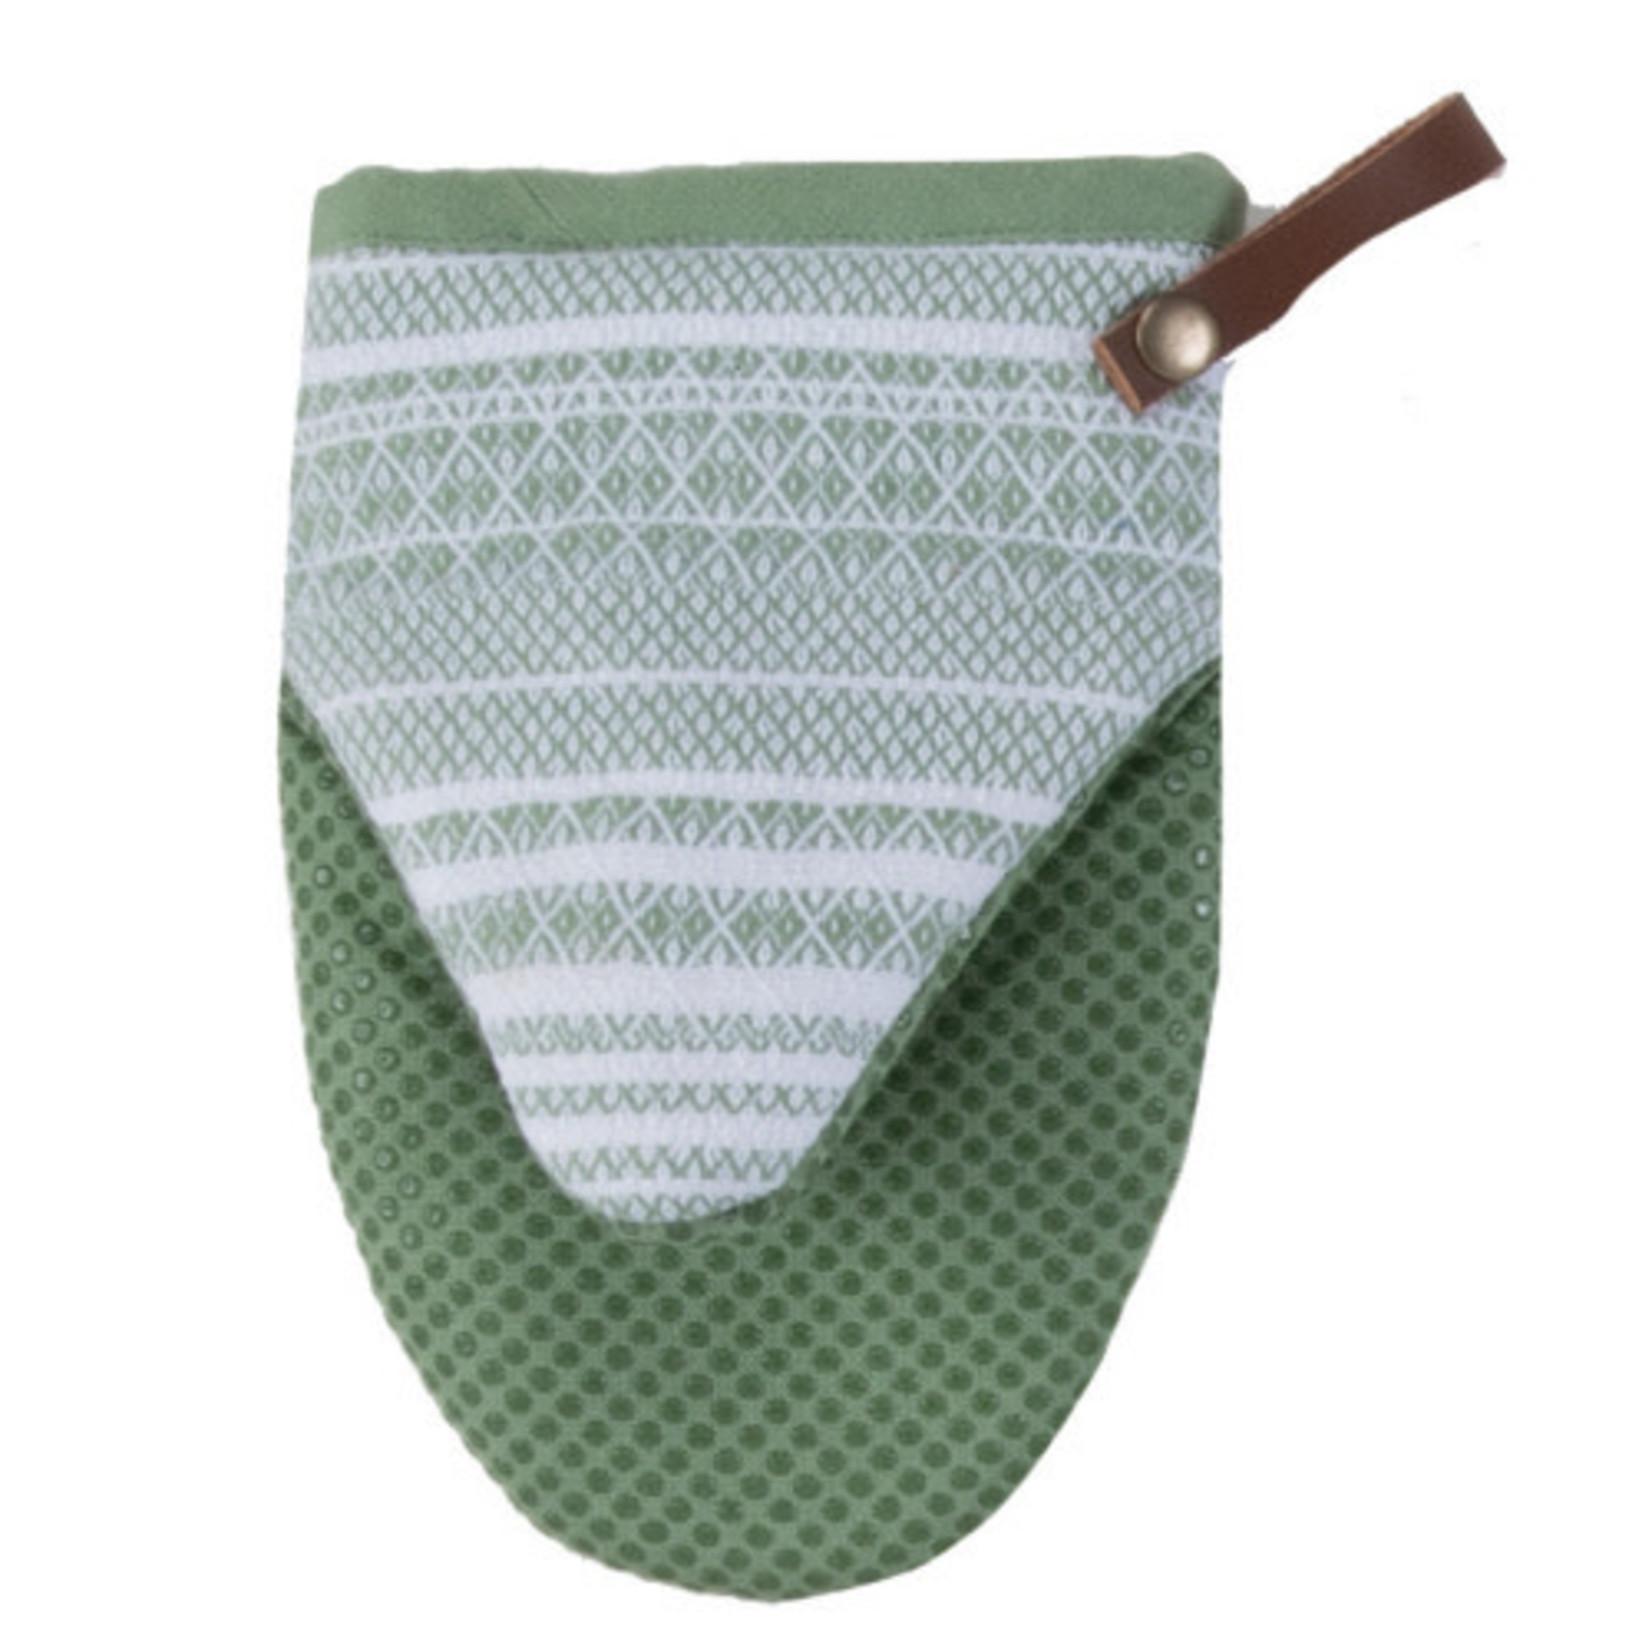 Green Tea Grabber Mitt